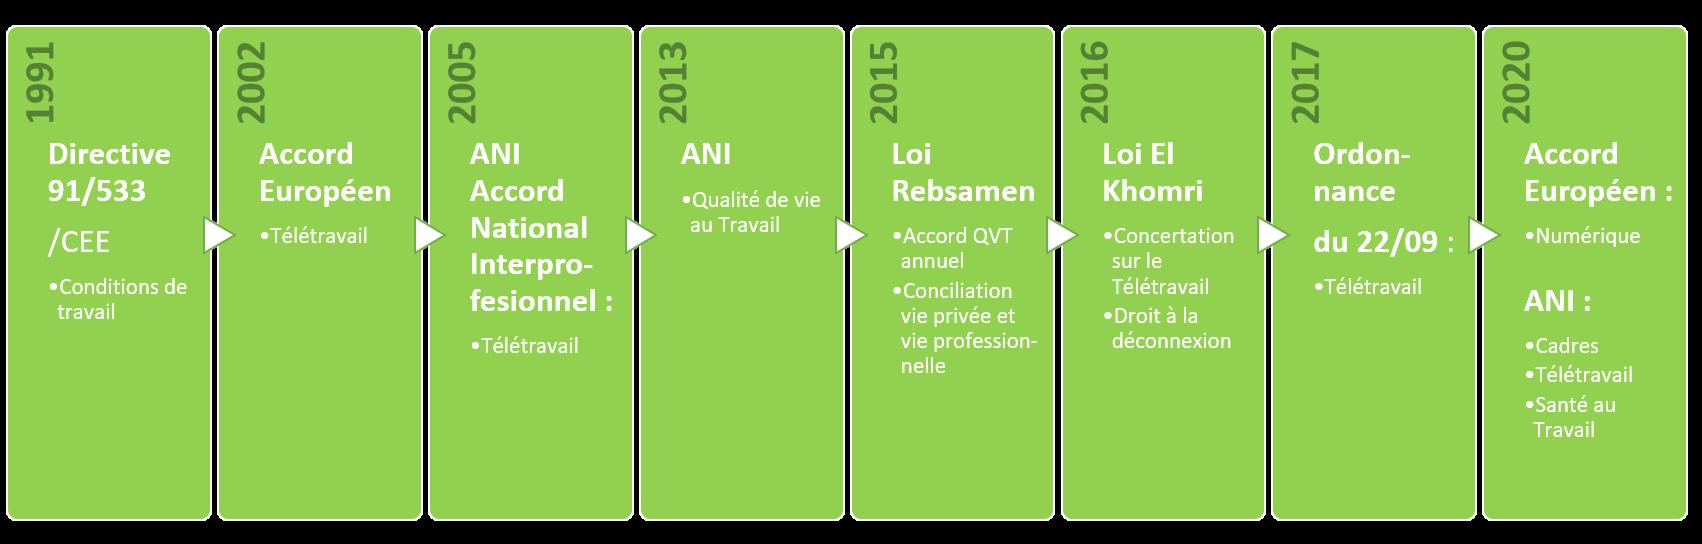 dates clefs évolution télétravail